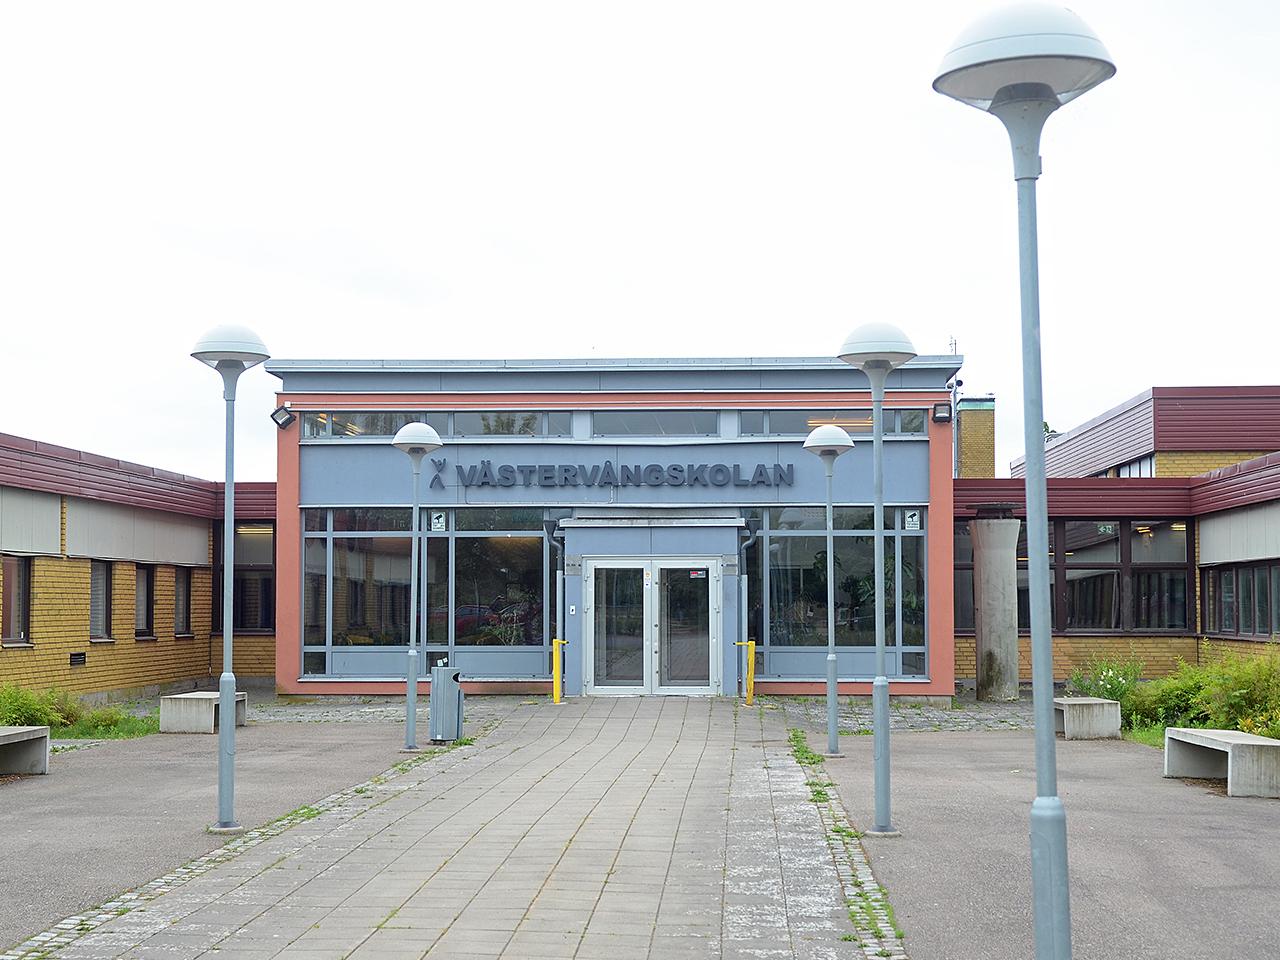 Västervångskolan duobild